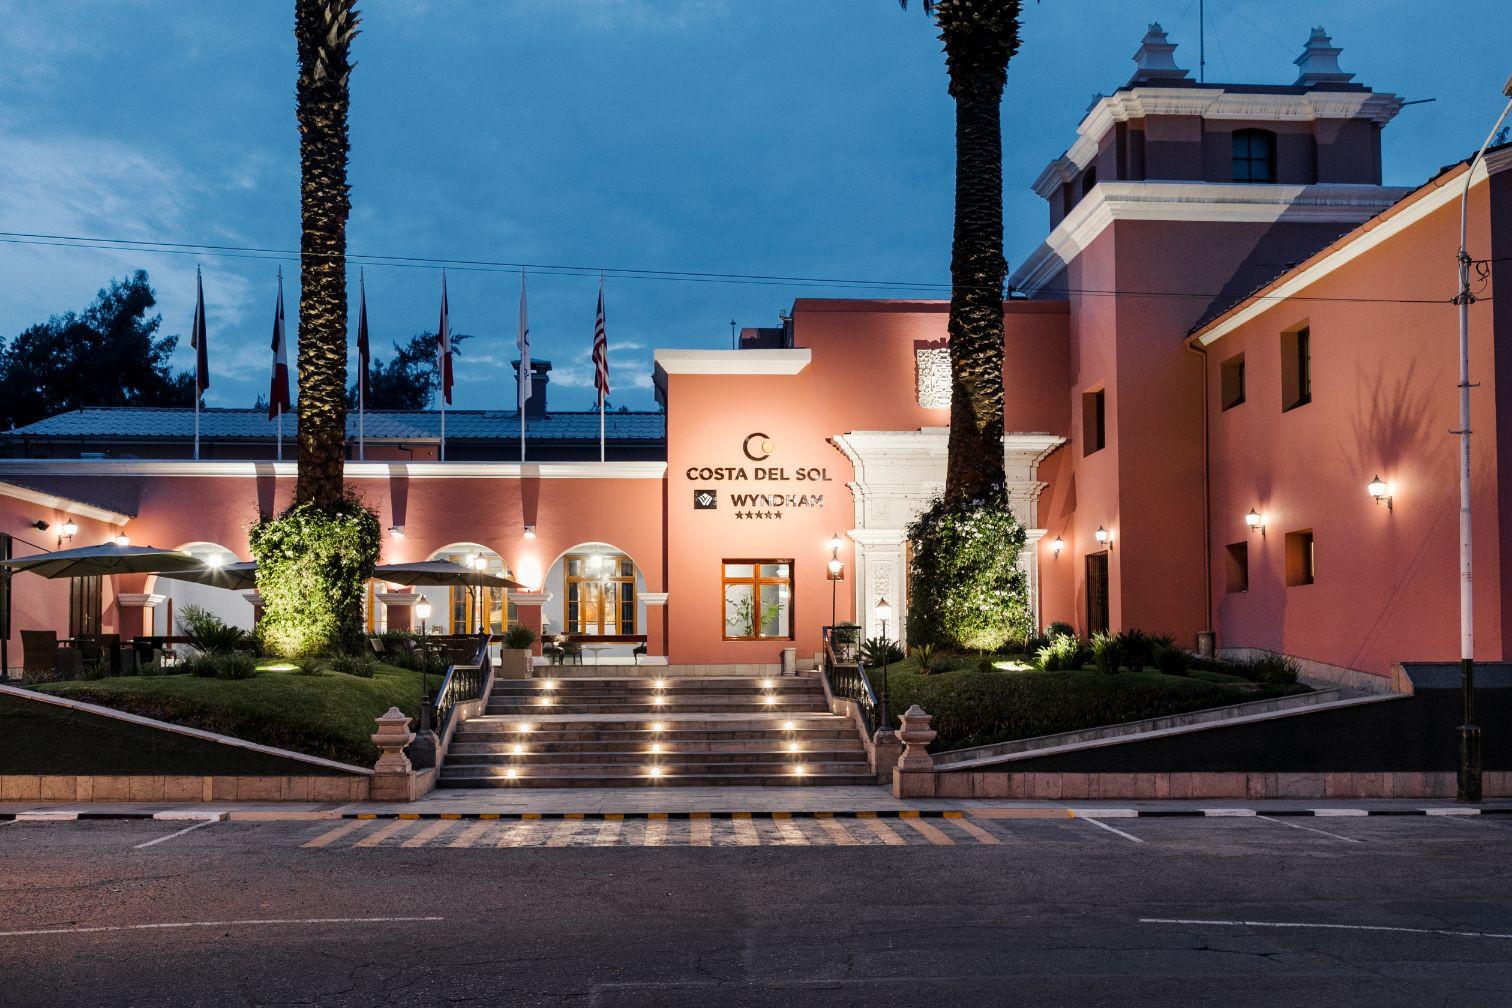 Hotel_Costa_del_Sol_wyndham_arequipa_gal